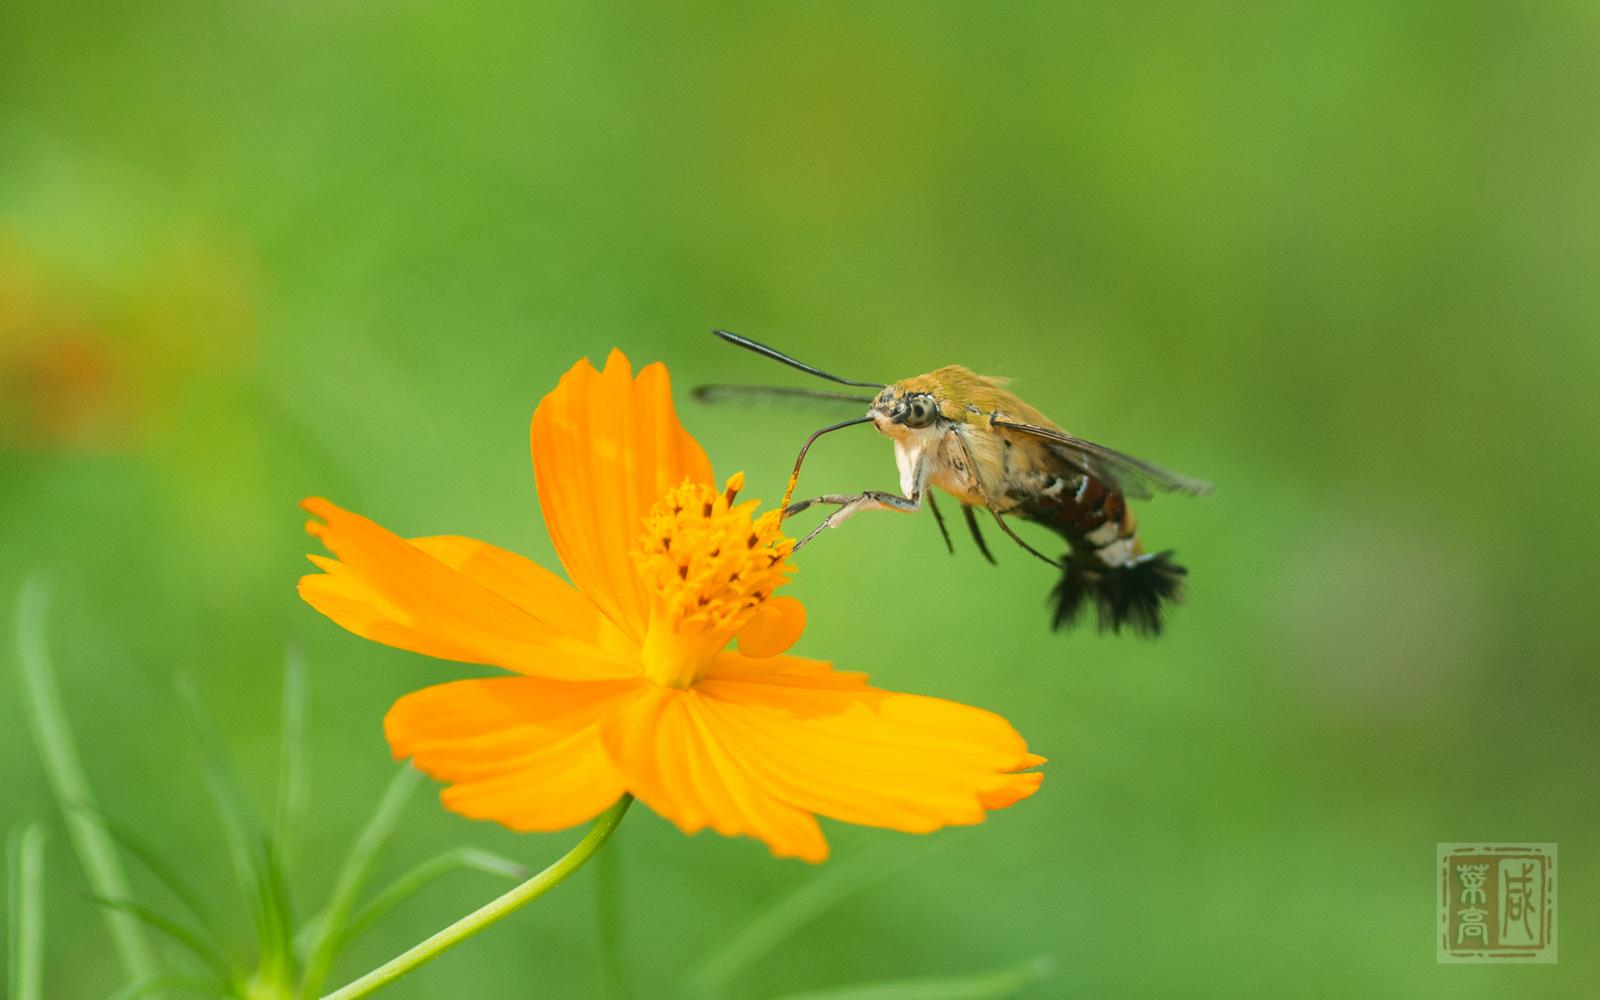 花与蛾-7.jpg